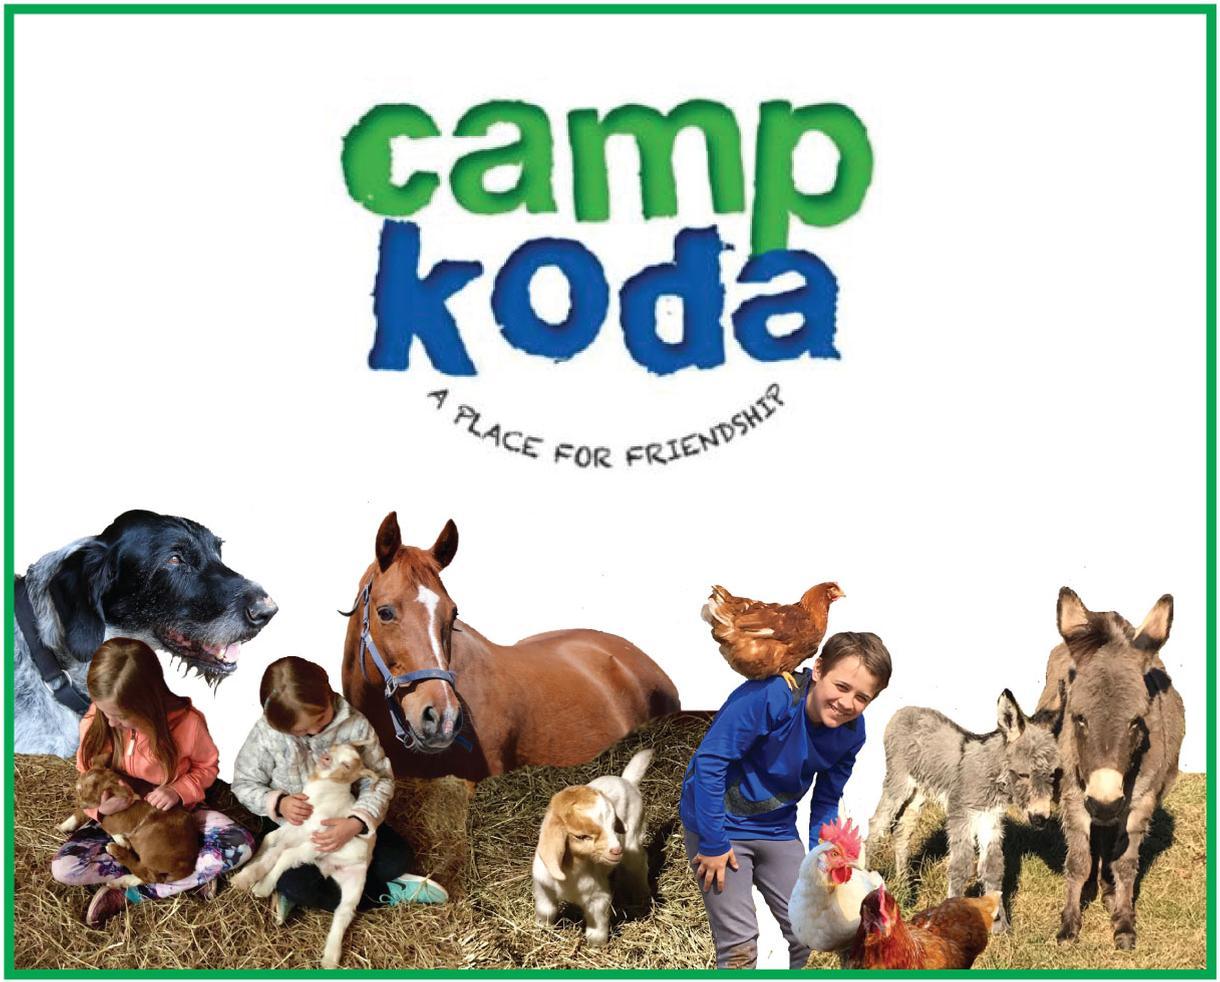 Camp Koda Equestrian Camp